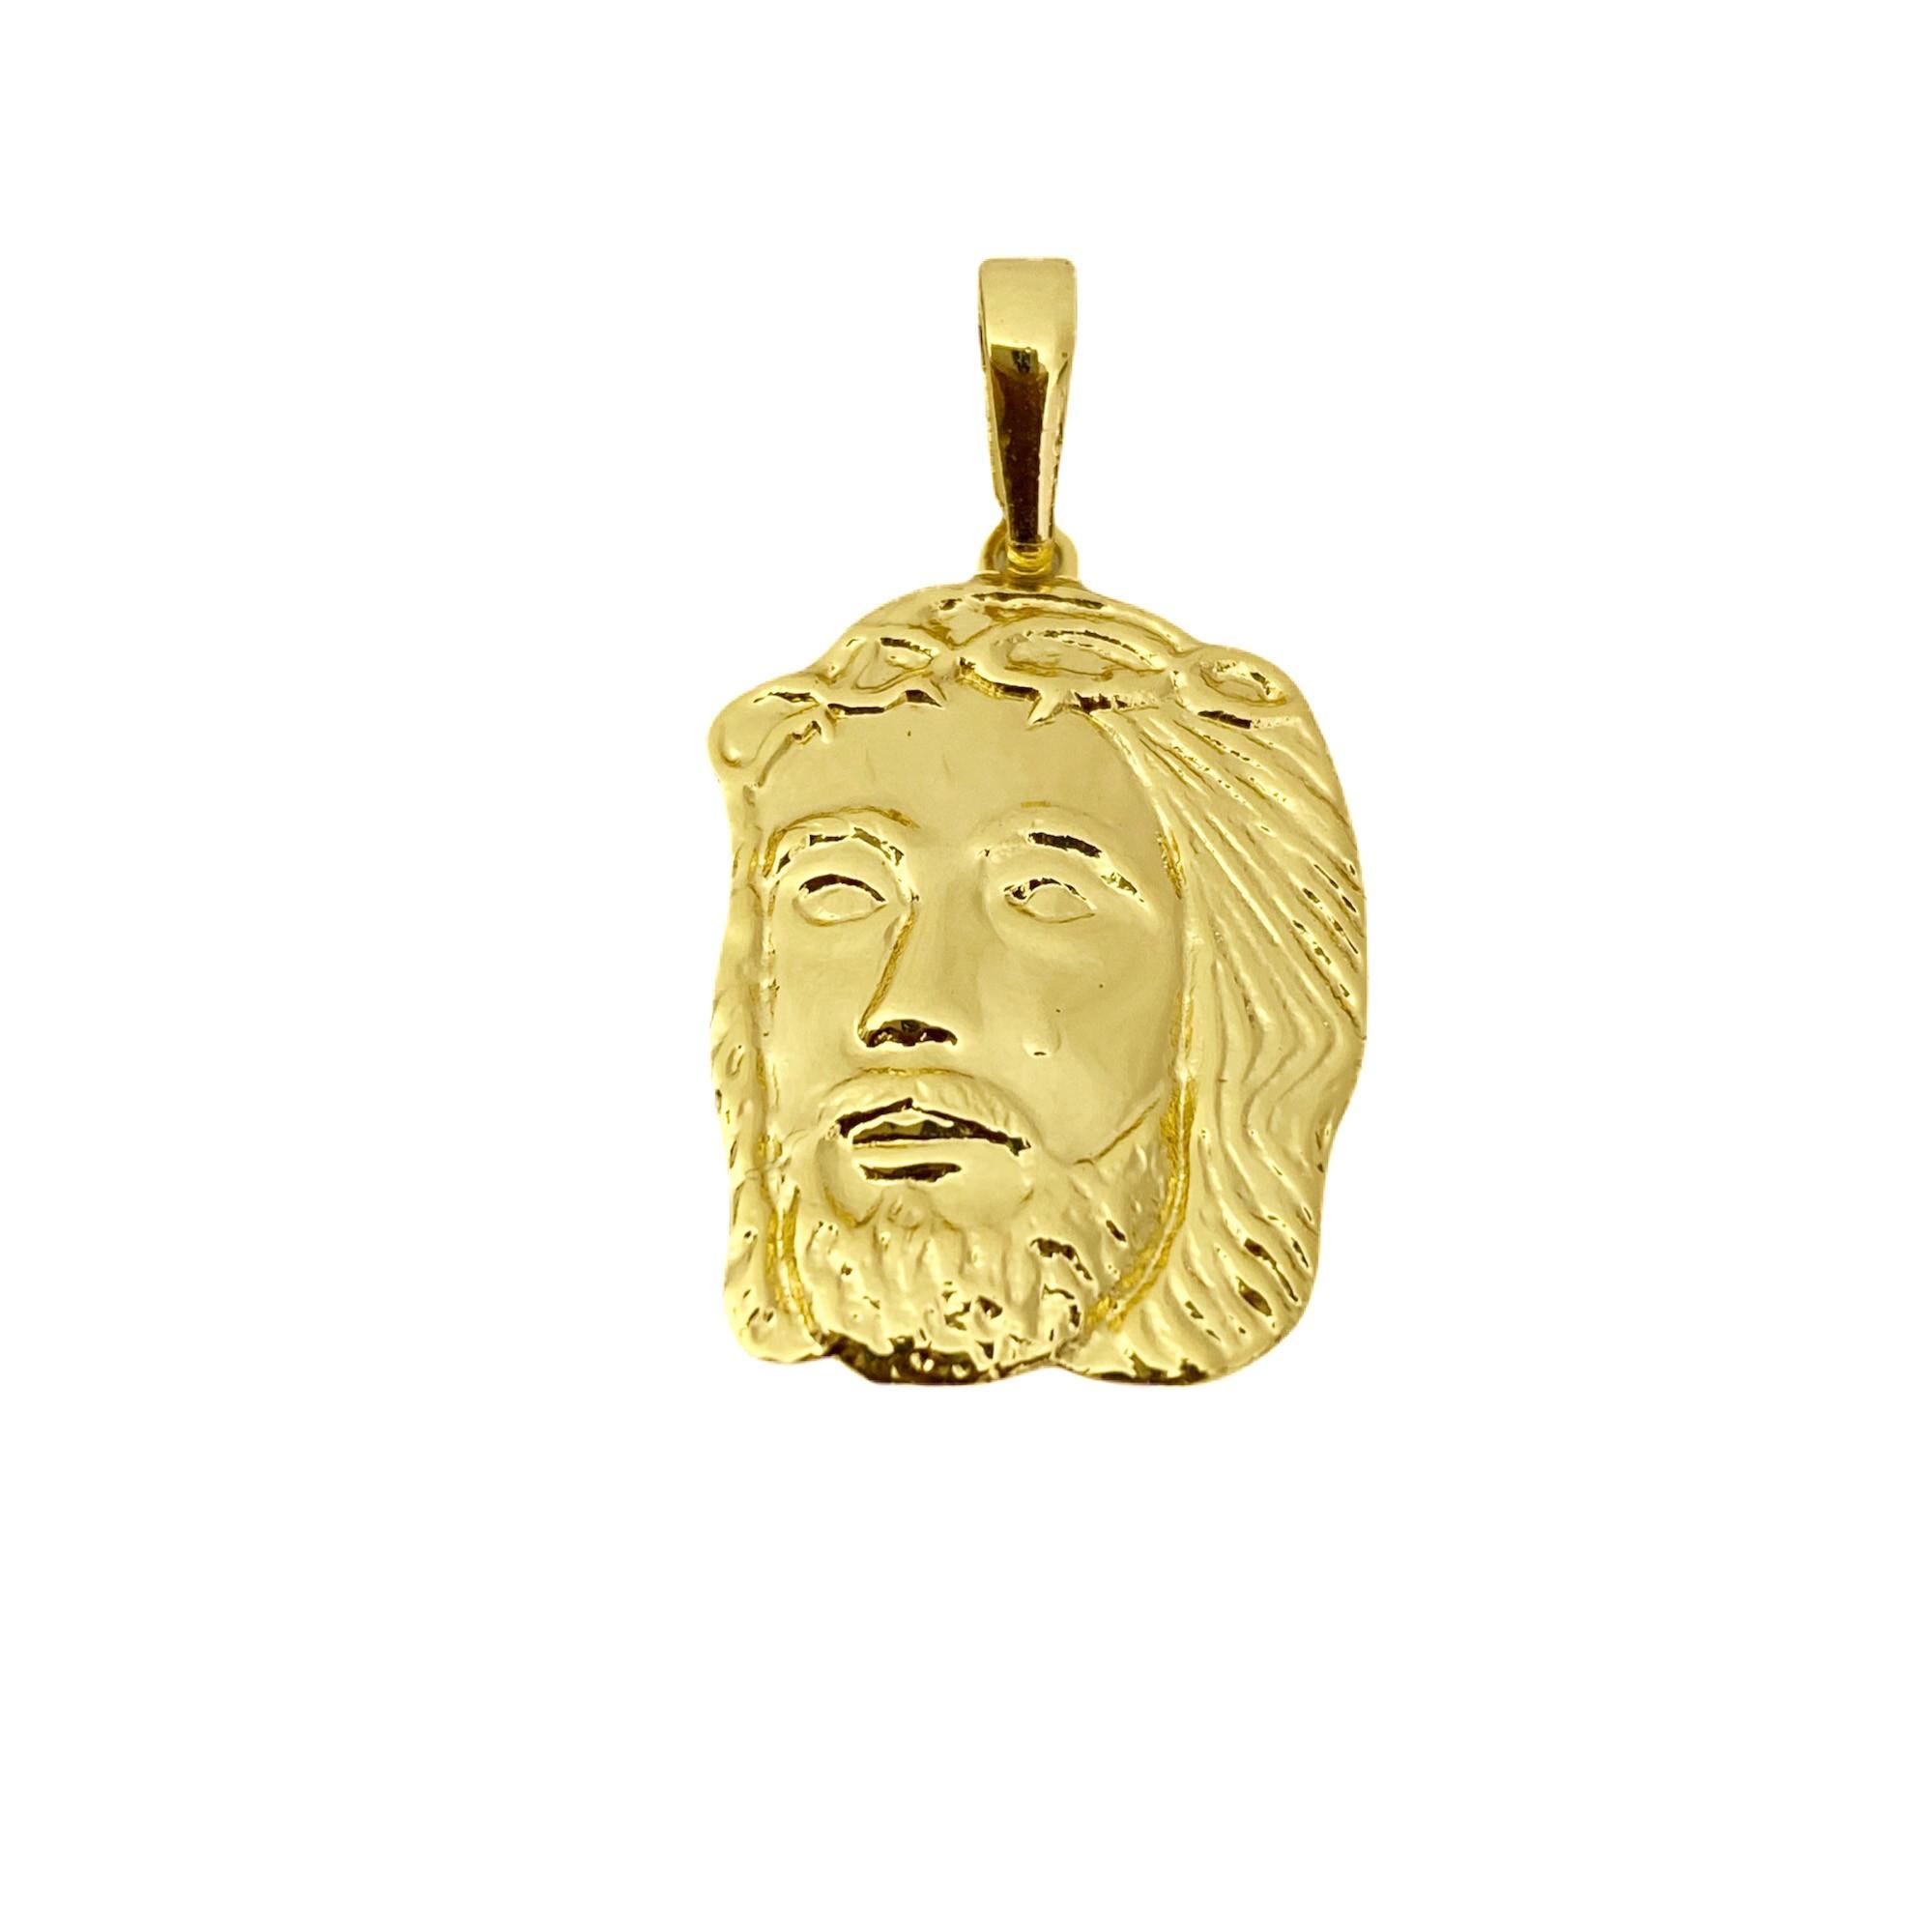 Pingente Rosto de Cristo 2,5cm X 1,7cm M